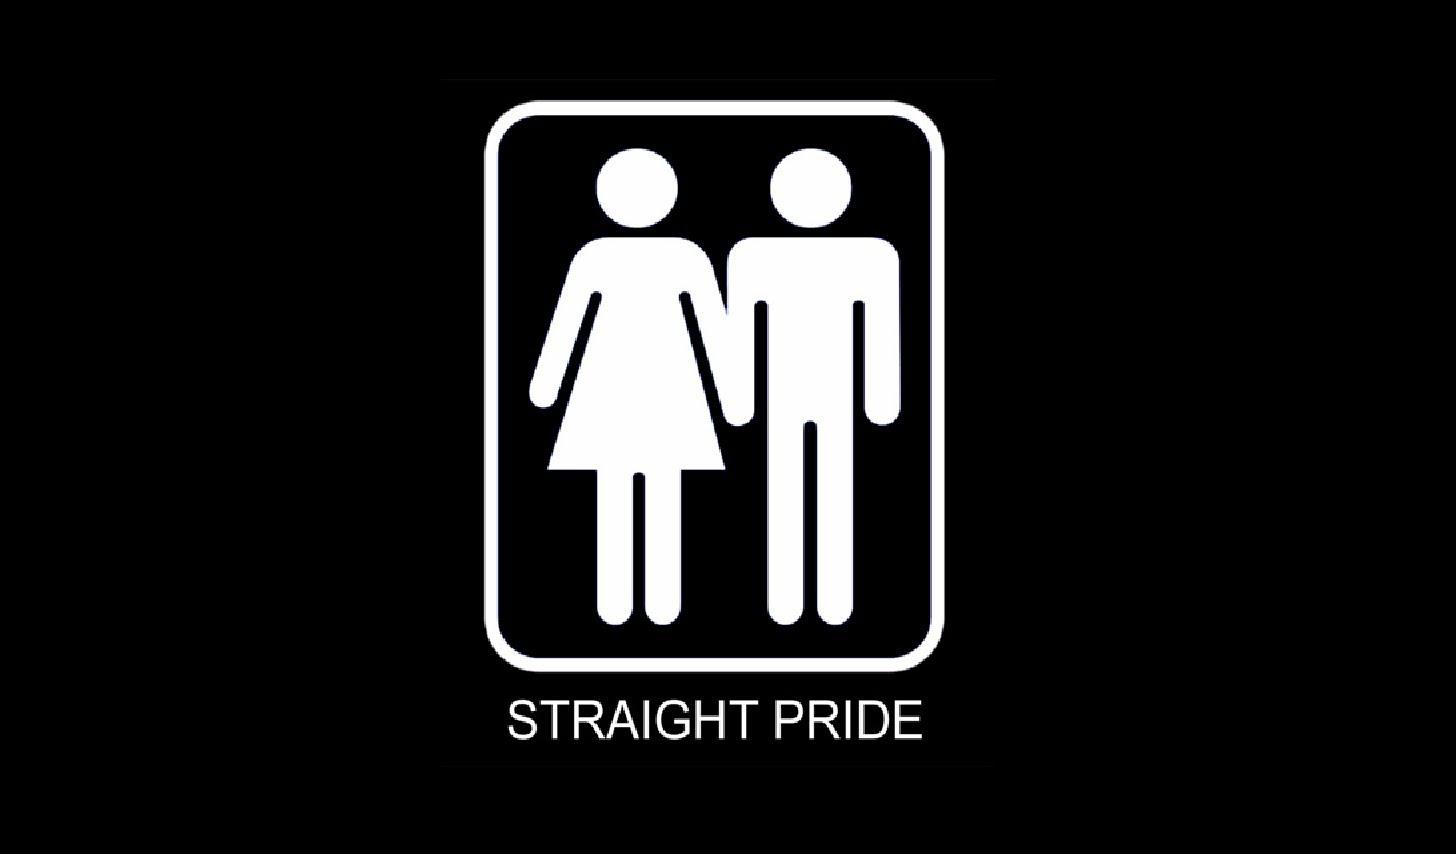 hetersexual pride